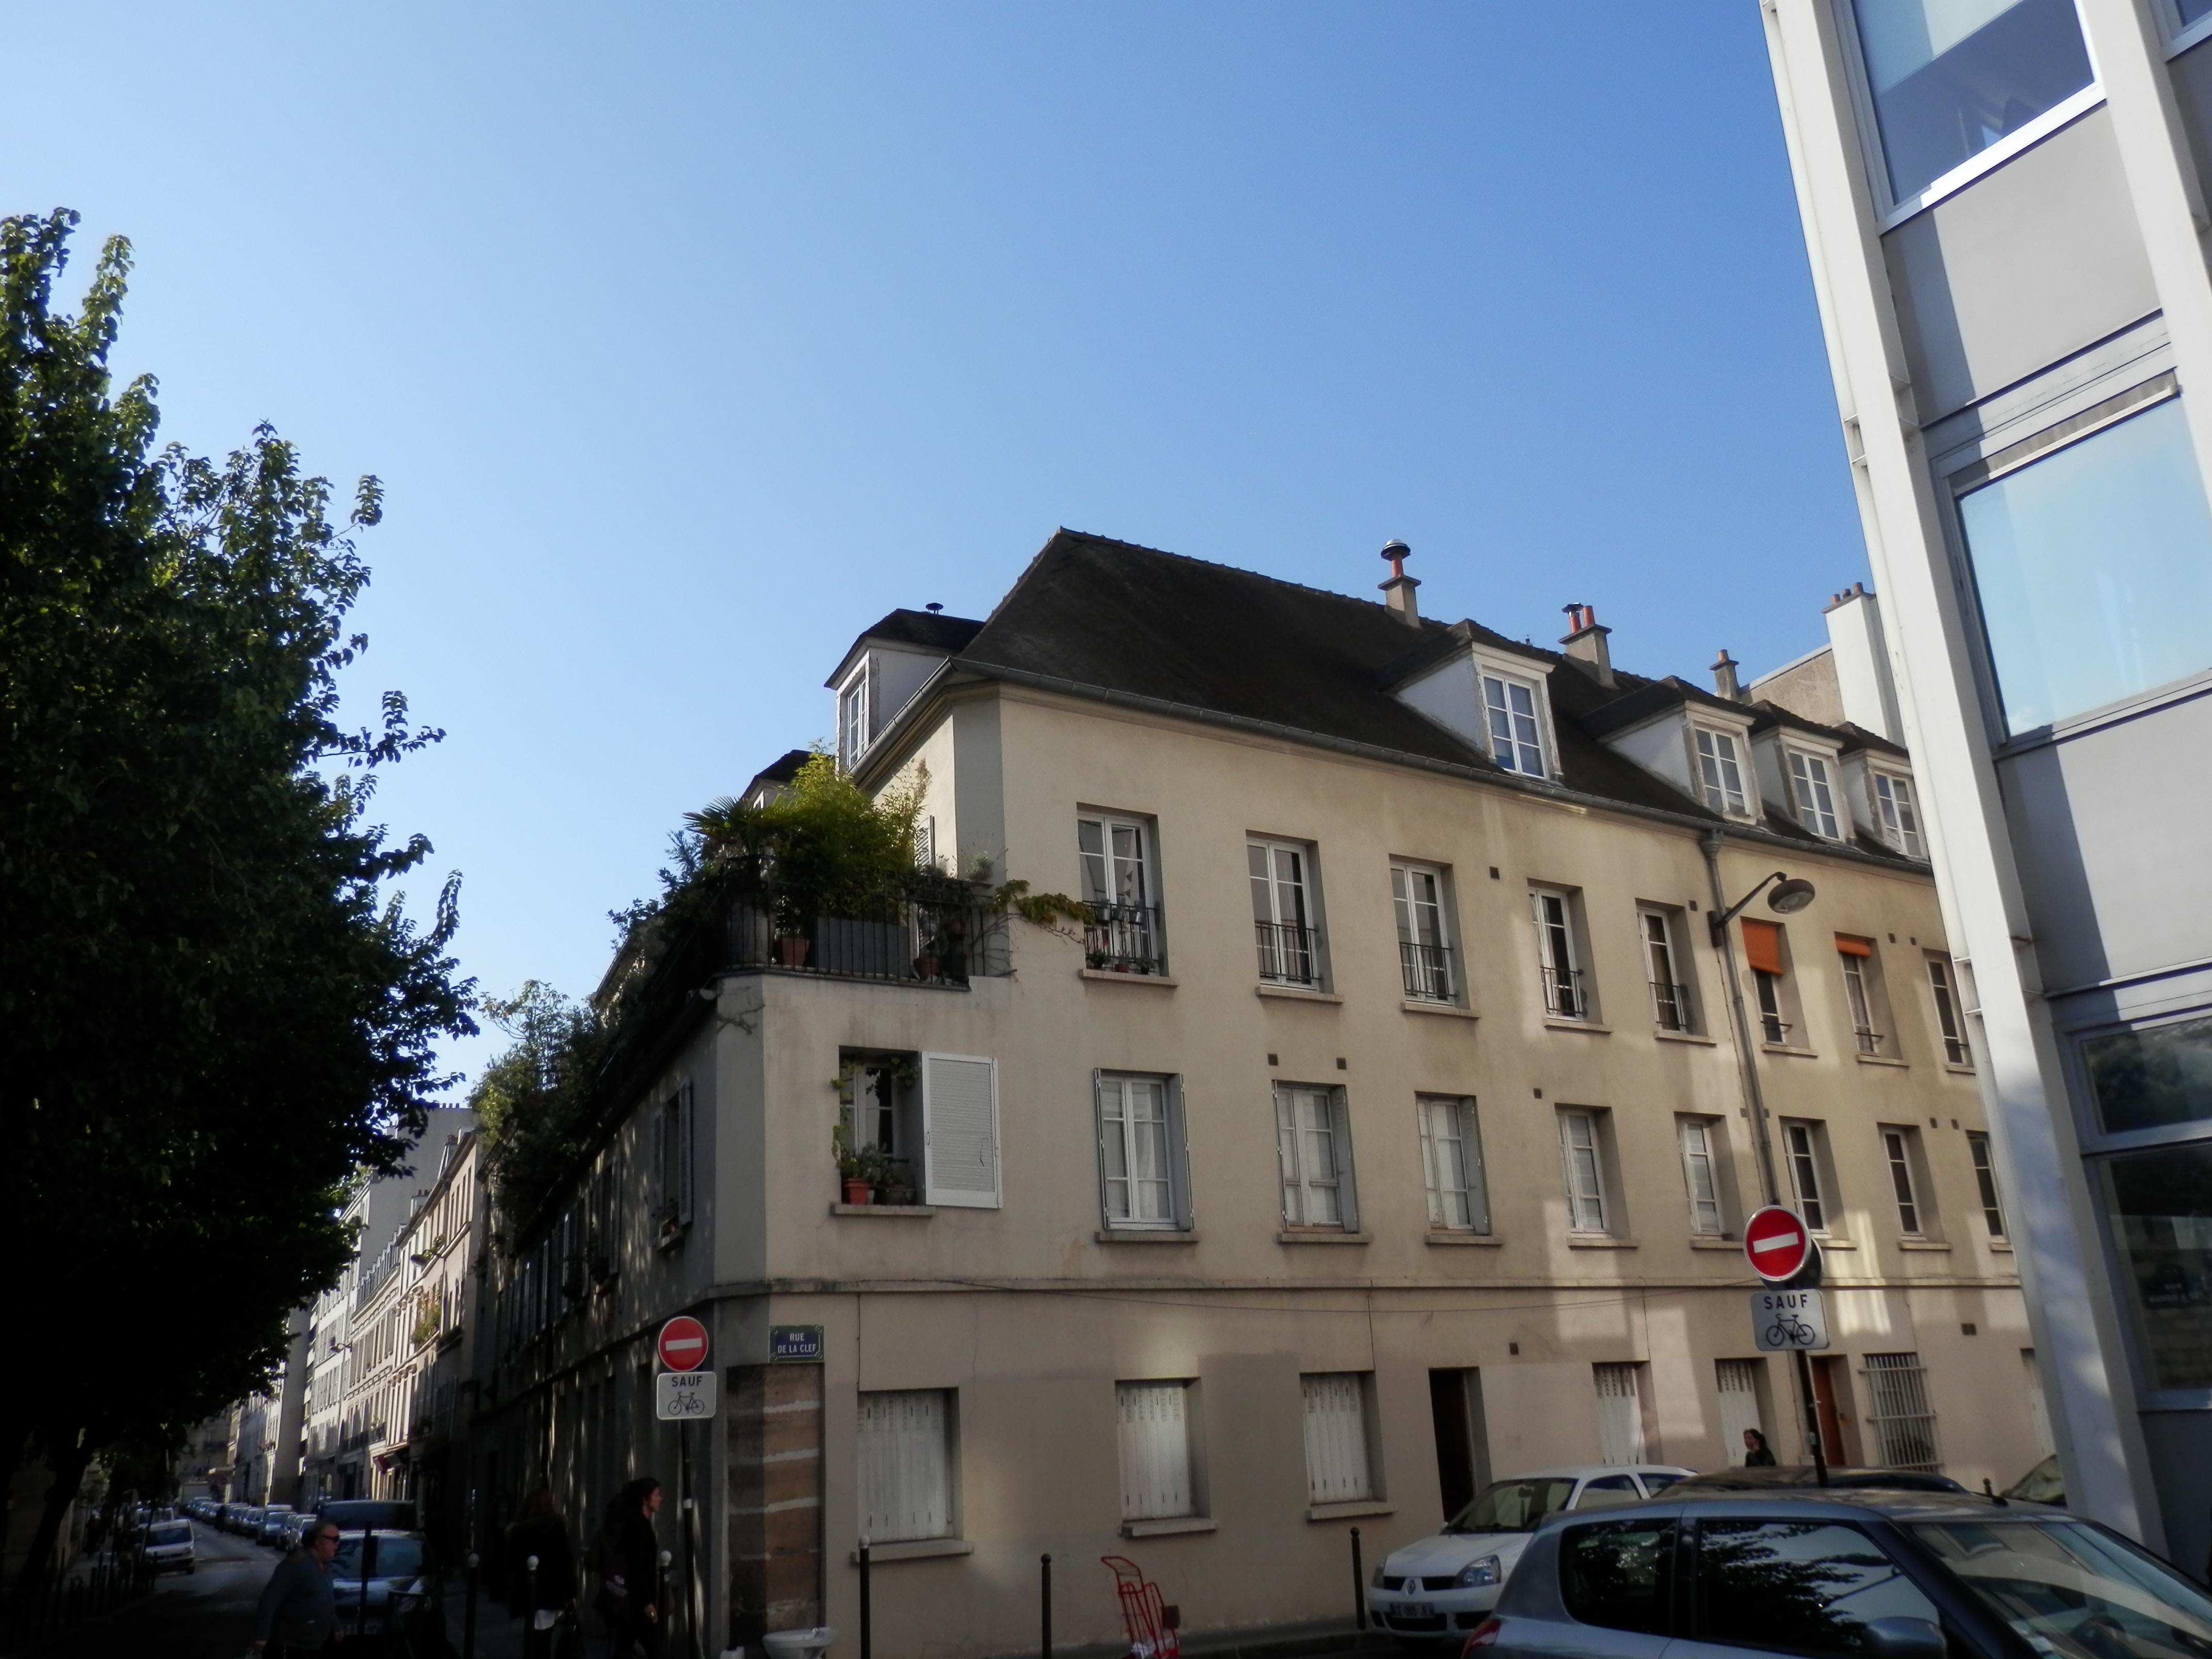 36 Rue Du Fer A Moulin